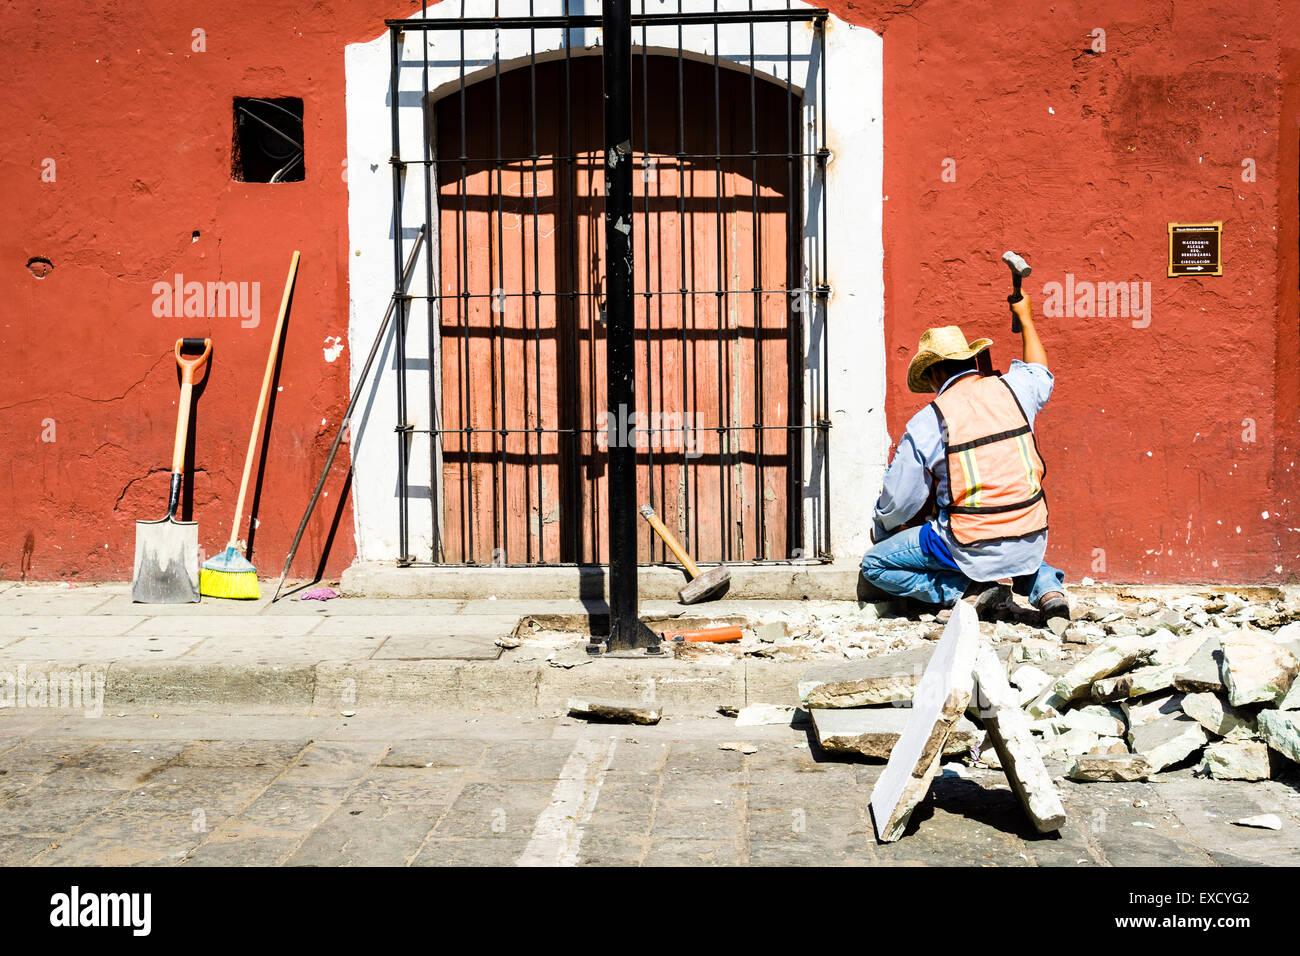 Trabajador de la construcción balancea un martillo para romper y reparar la acera de piedra en el caliente Imagen De Stock